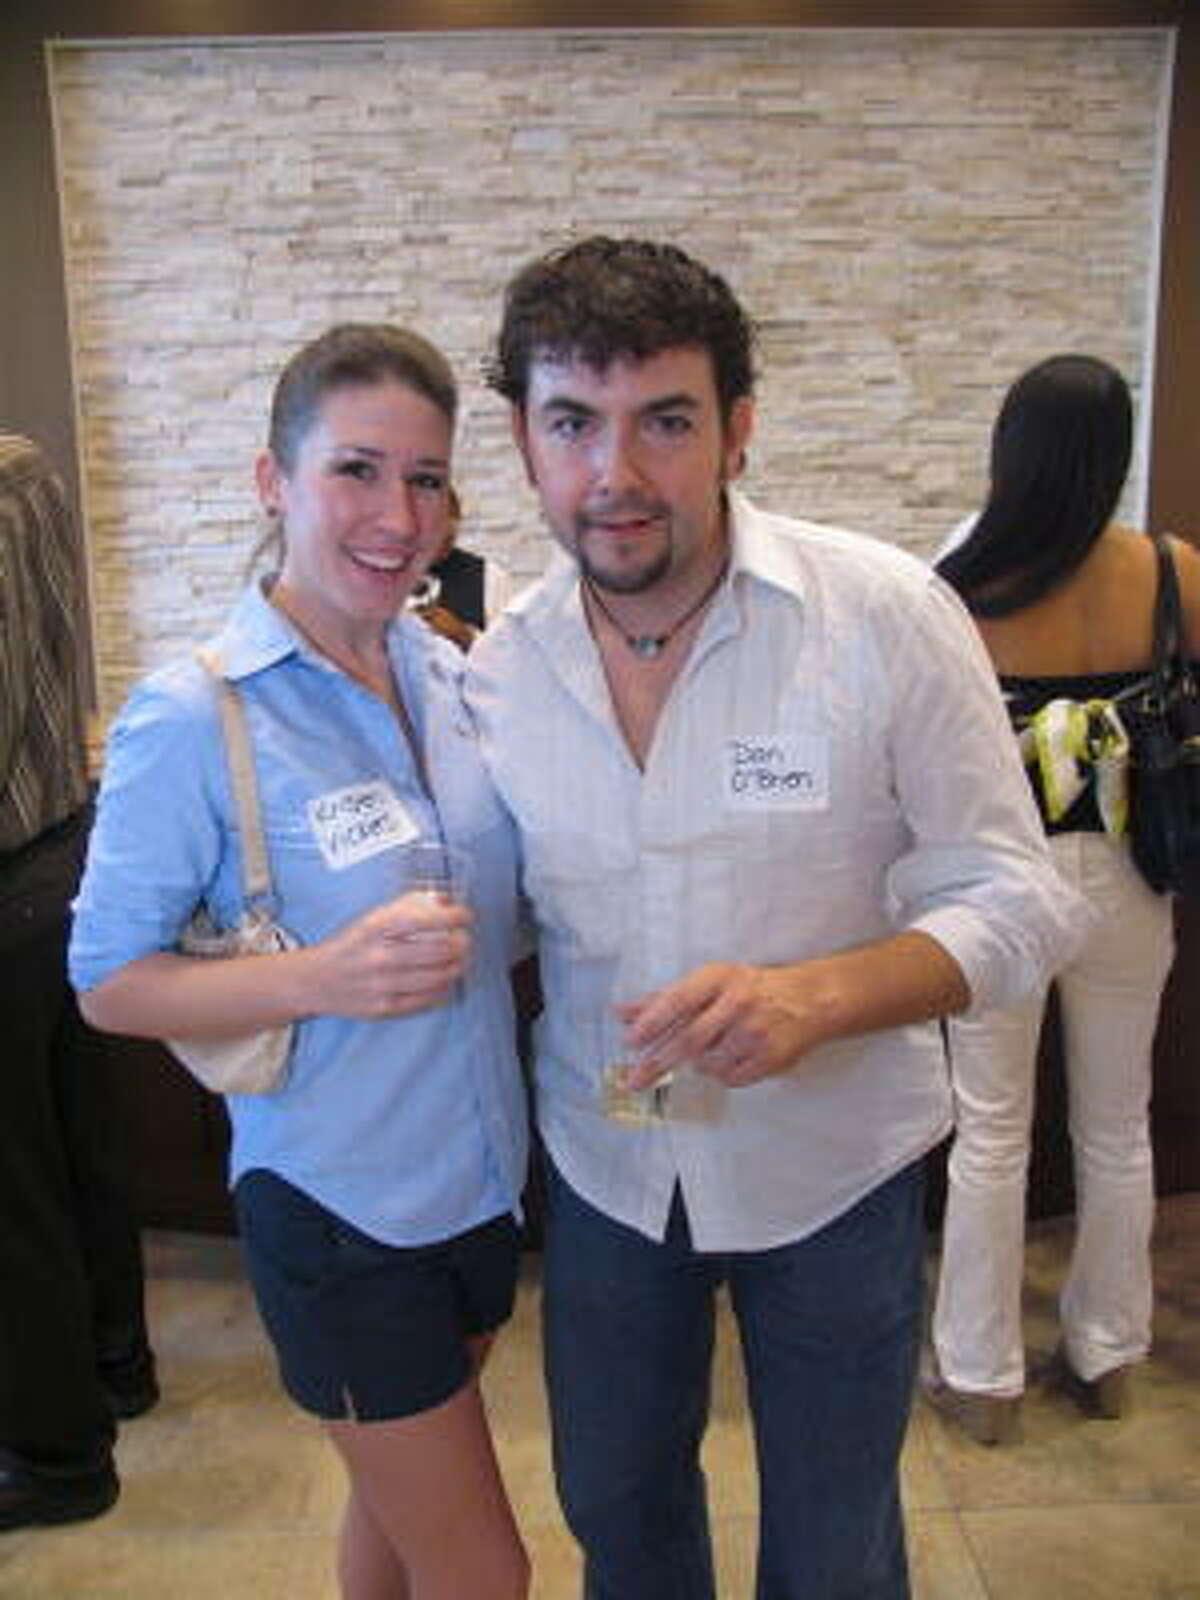 Kristen Vickers, left, and Dan O'Brien